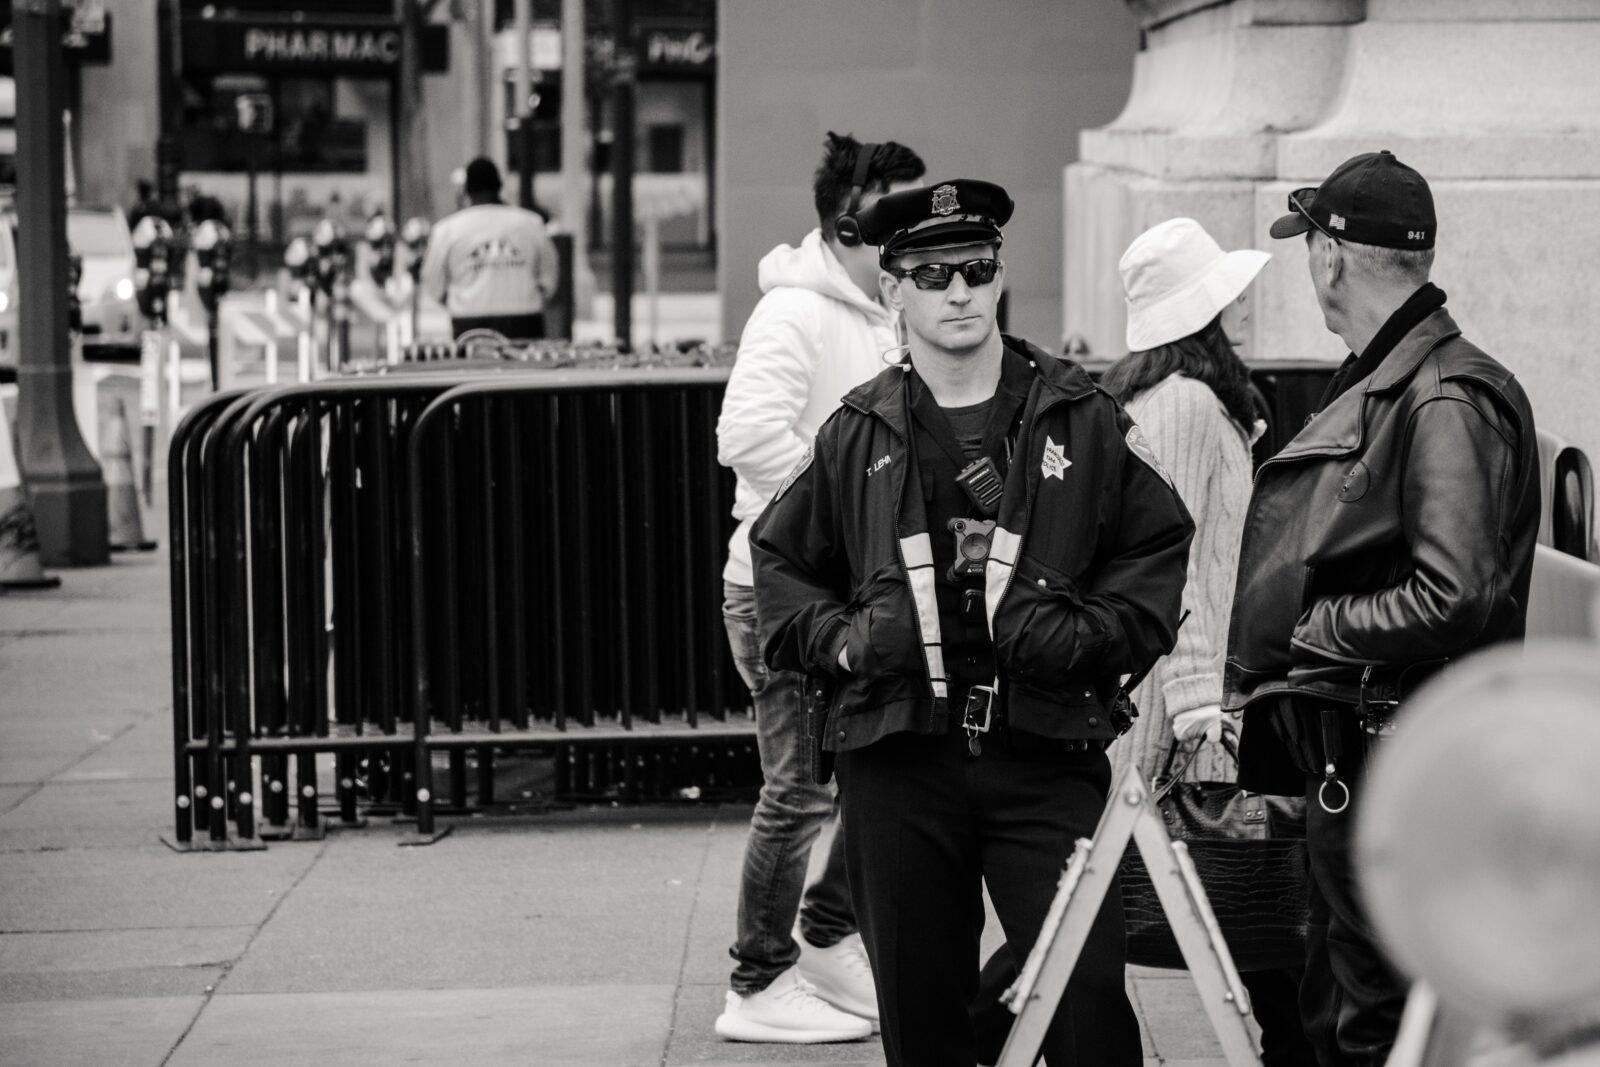 big security guards